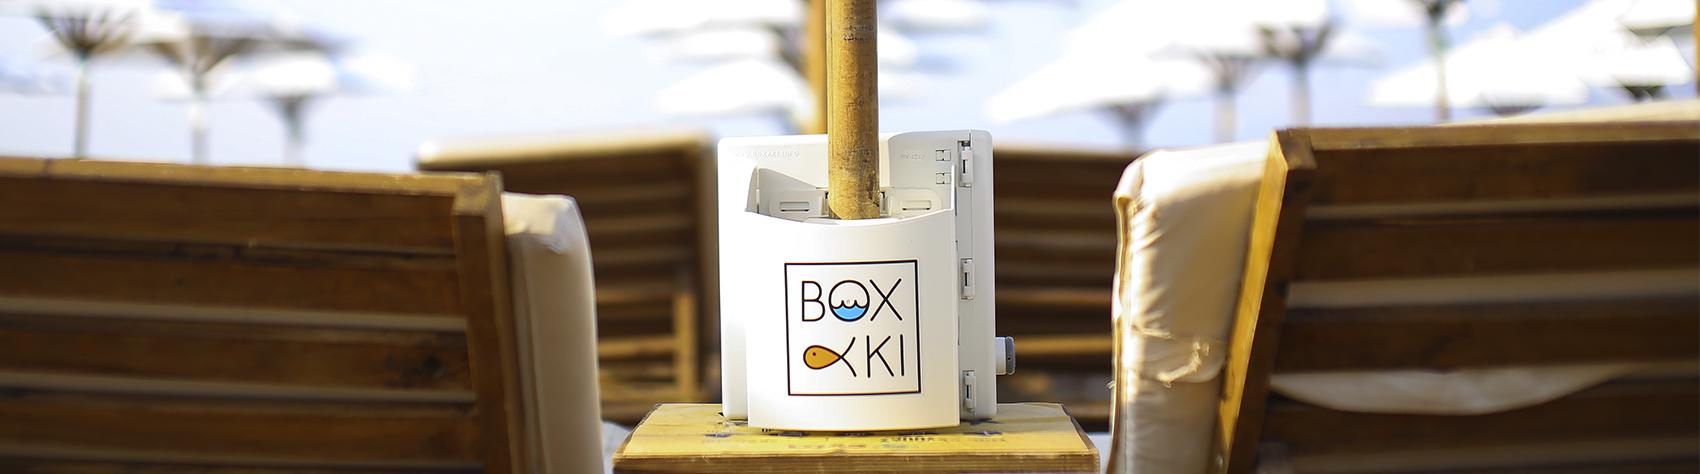 BOXAKI - VELTIA